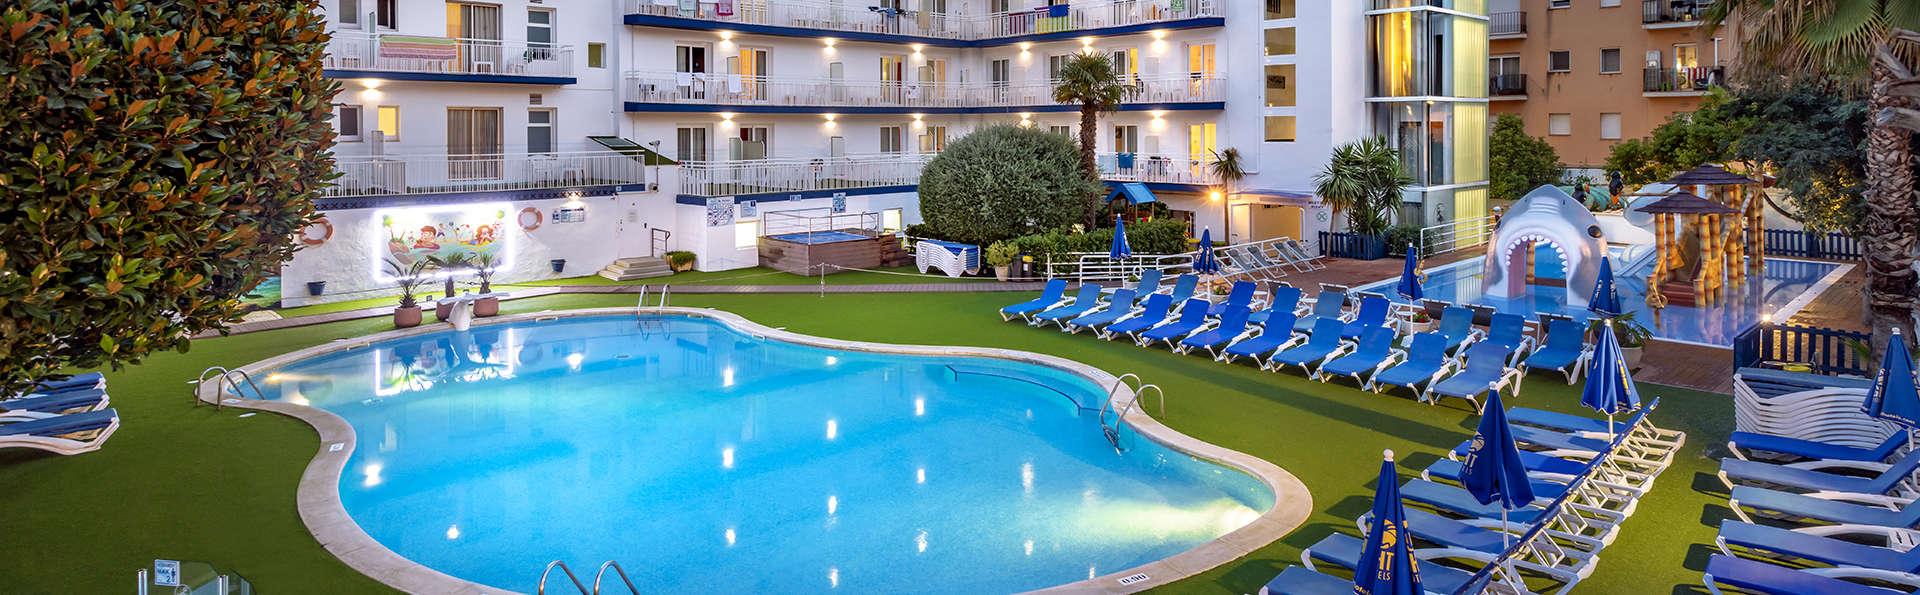 Vacaciones en Calella con dos niños incluidos en media pensión, en un hotel para familias